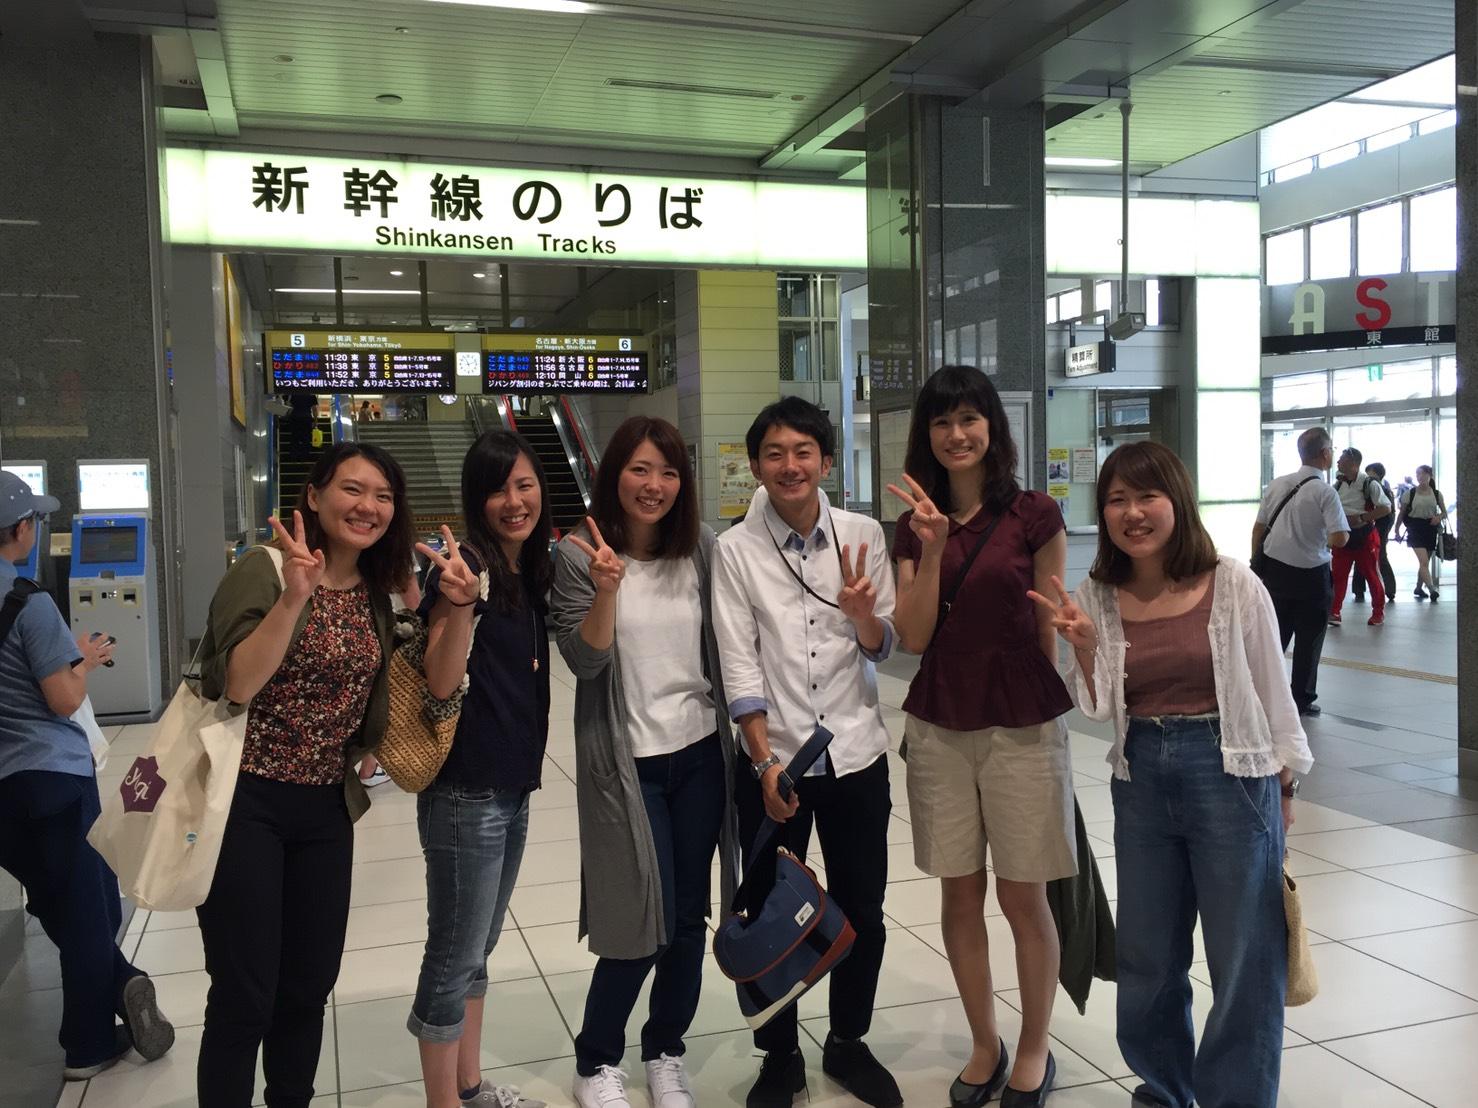 Ayano 見送りに人がいっぱい! 頑張って!